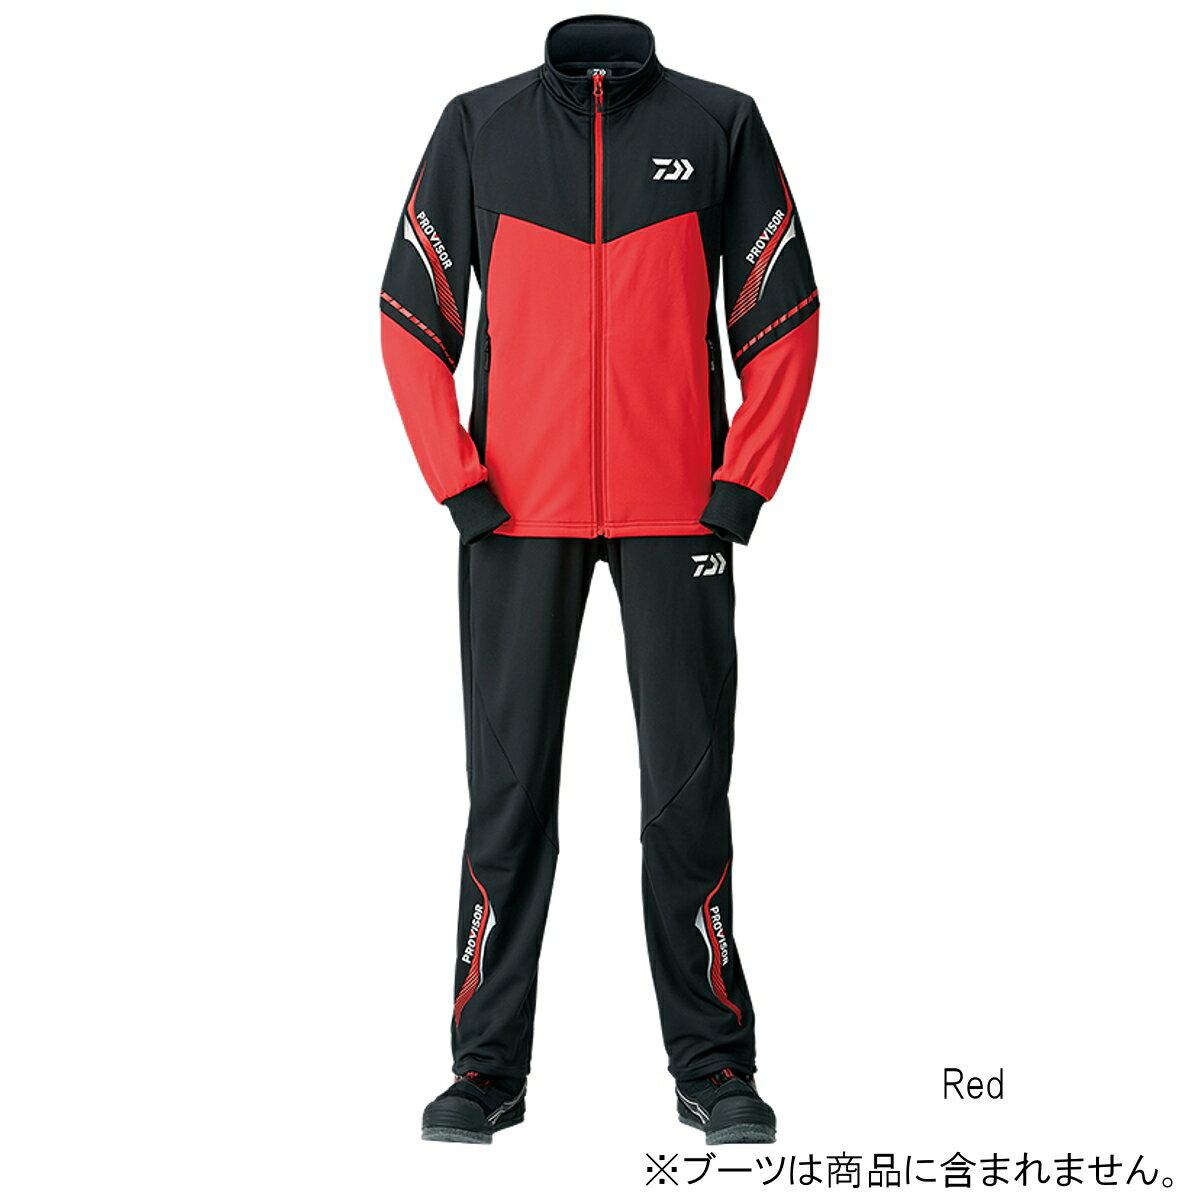 ダイワ プロバイザージャージスーツ DI-24008 XL Red【送料無料】